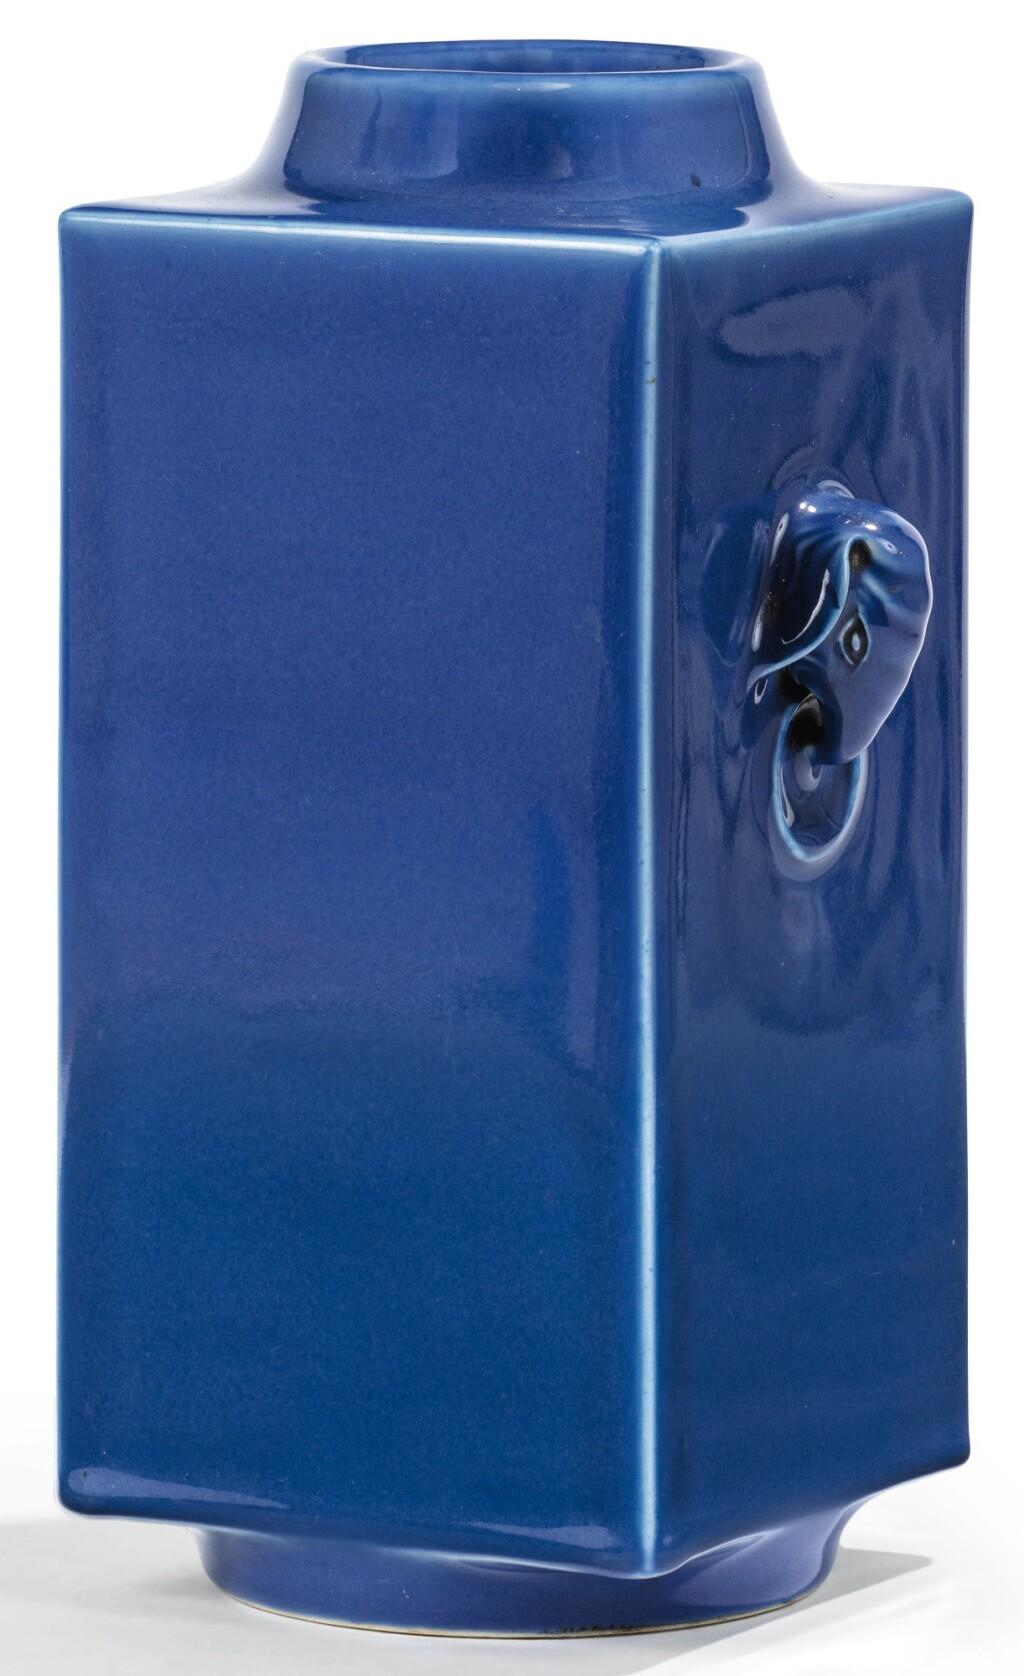 VASE EN PORCELAINE MONOCHROME BLEU, CONG MARQUE ET ÉPOQUE TONGZHI  | 清同治 霽藍釉象耳琮式瓶 《大清同治年製》款 | A blue-glazed vase, cong, Tongzhi mark and period